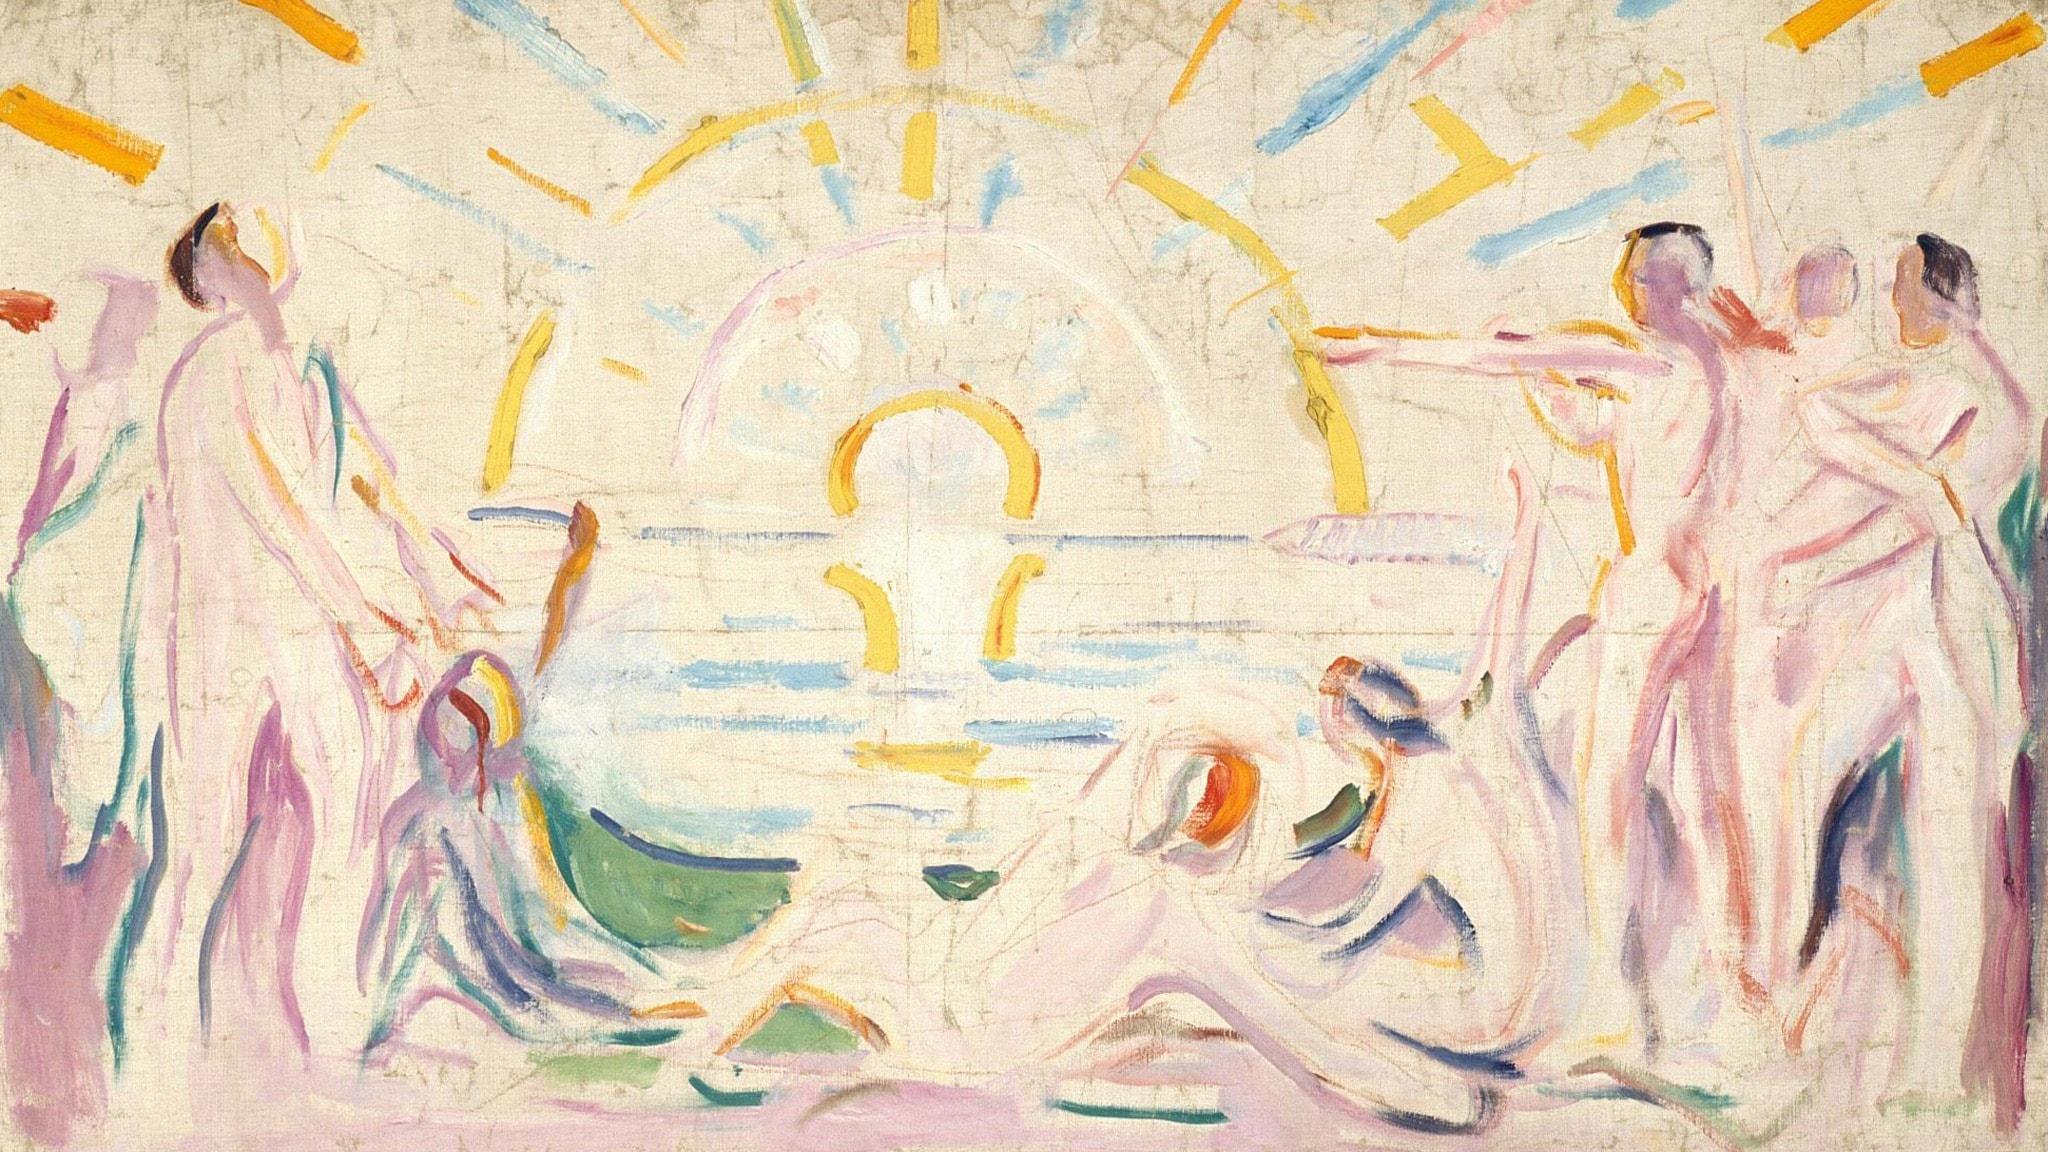 """Edvard Munch: """"Sol og uppvåknende nakne menn"""", 1910-11 (beskuren)"""